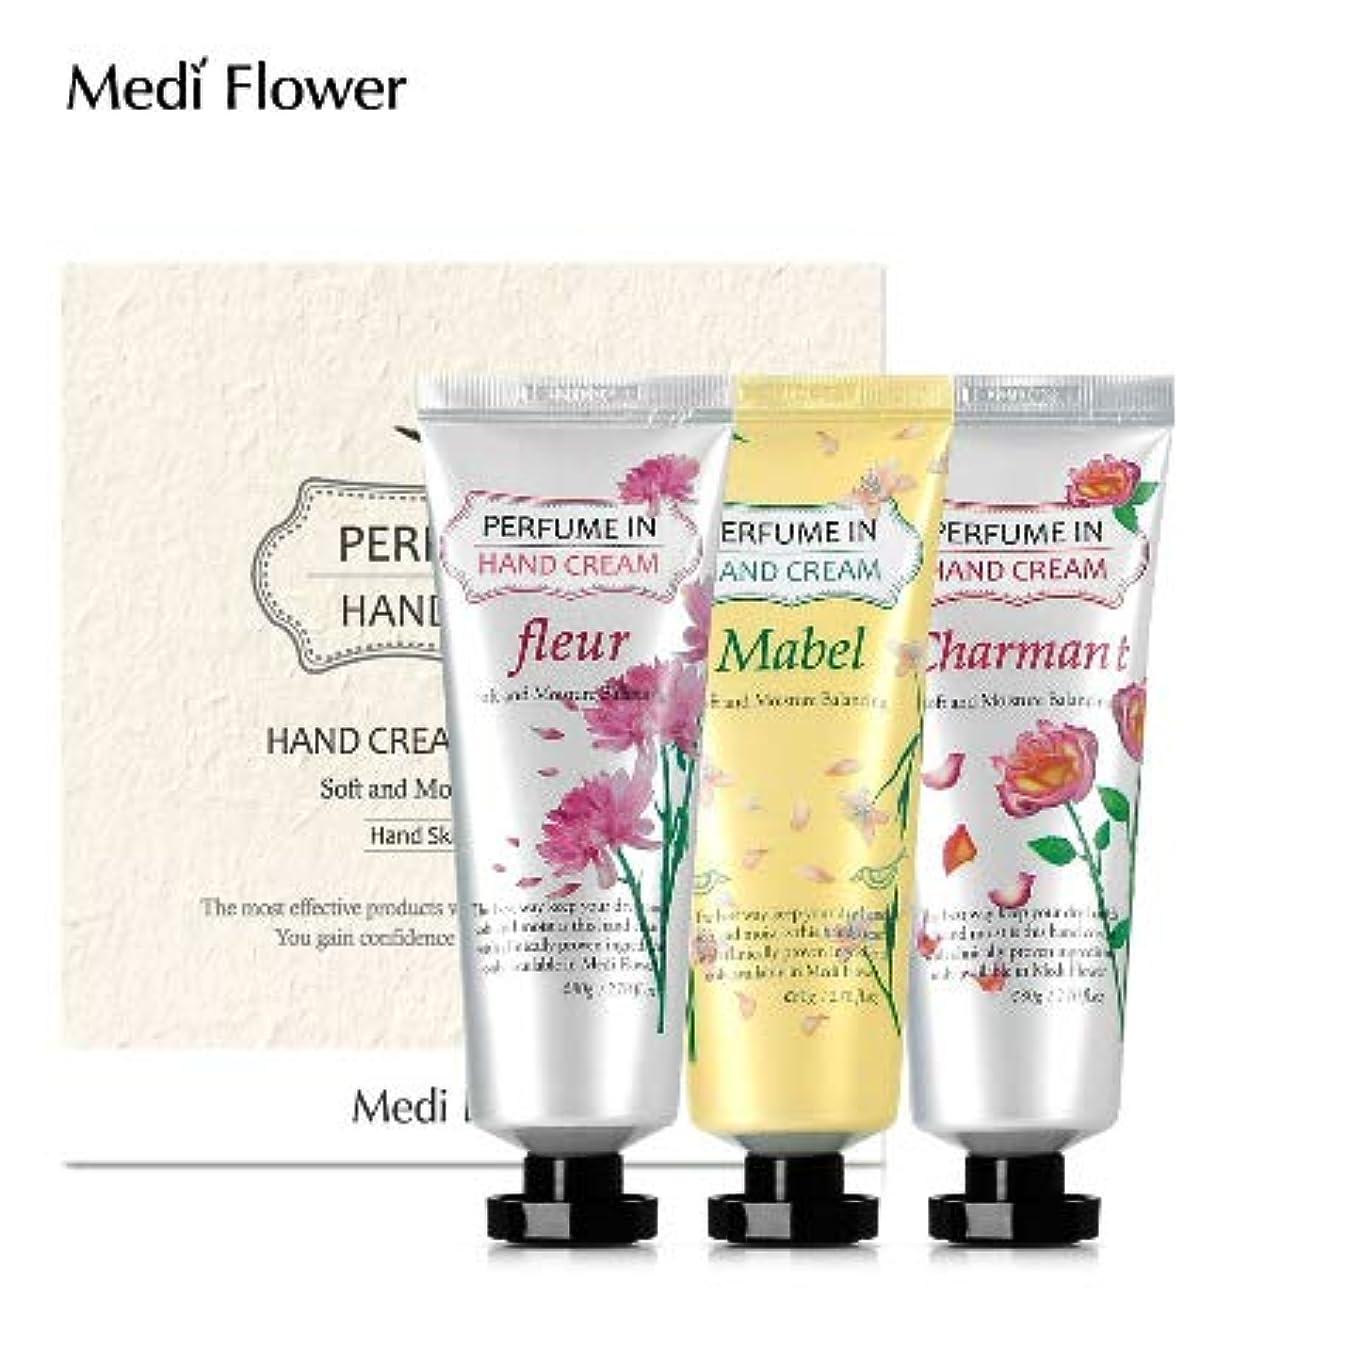 侮辱オーク航空機[MediFlower] パフュームインハンドクリーム?スペシャルセット 80g x 3個セット / Perfume Hand Cream Specail Set